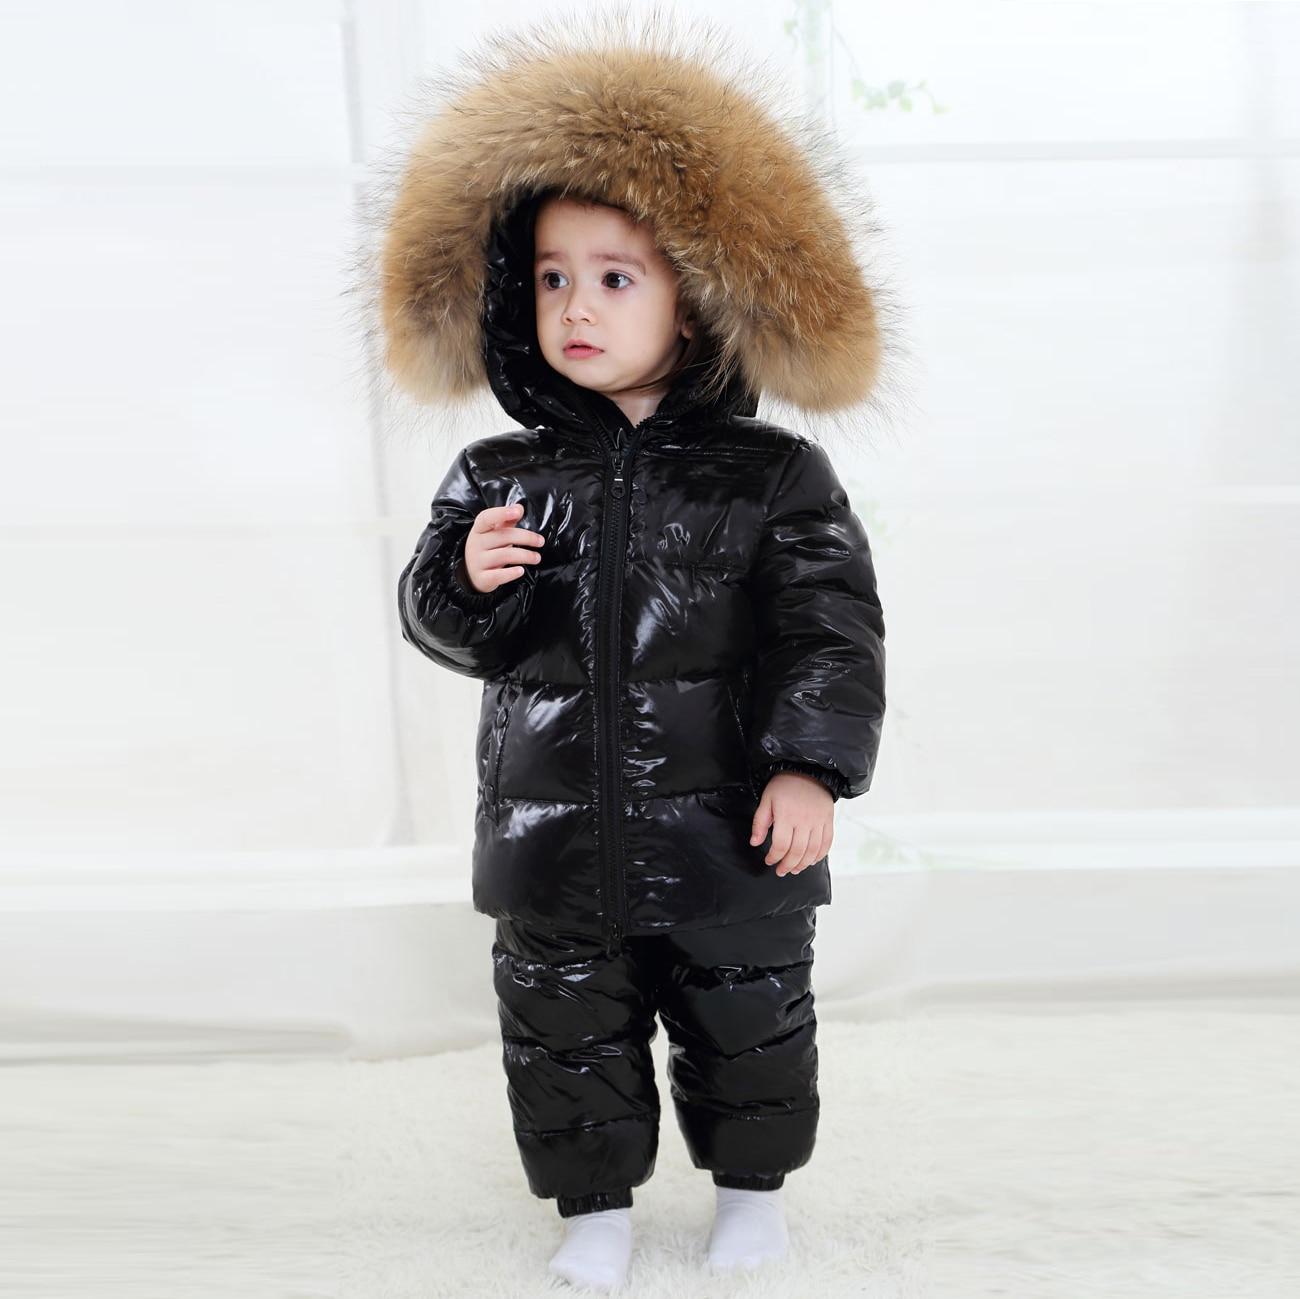 2019 חדש בגדי ילדים סט רוסיה החורף לעבות חליפת שלג 2-6y בני 90% לבן ברווז למטה בגדי בנות חורף תלבושת מעיל